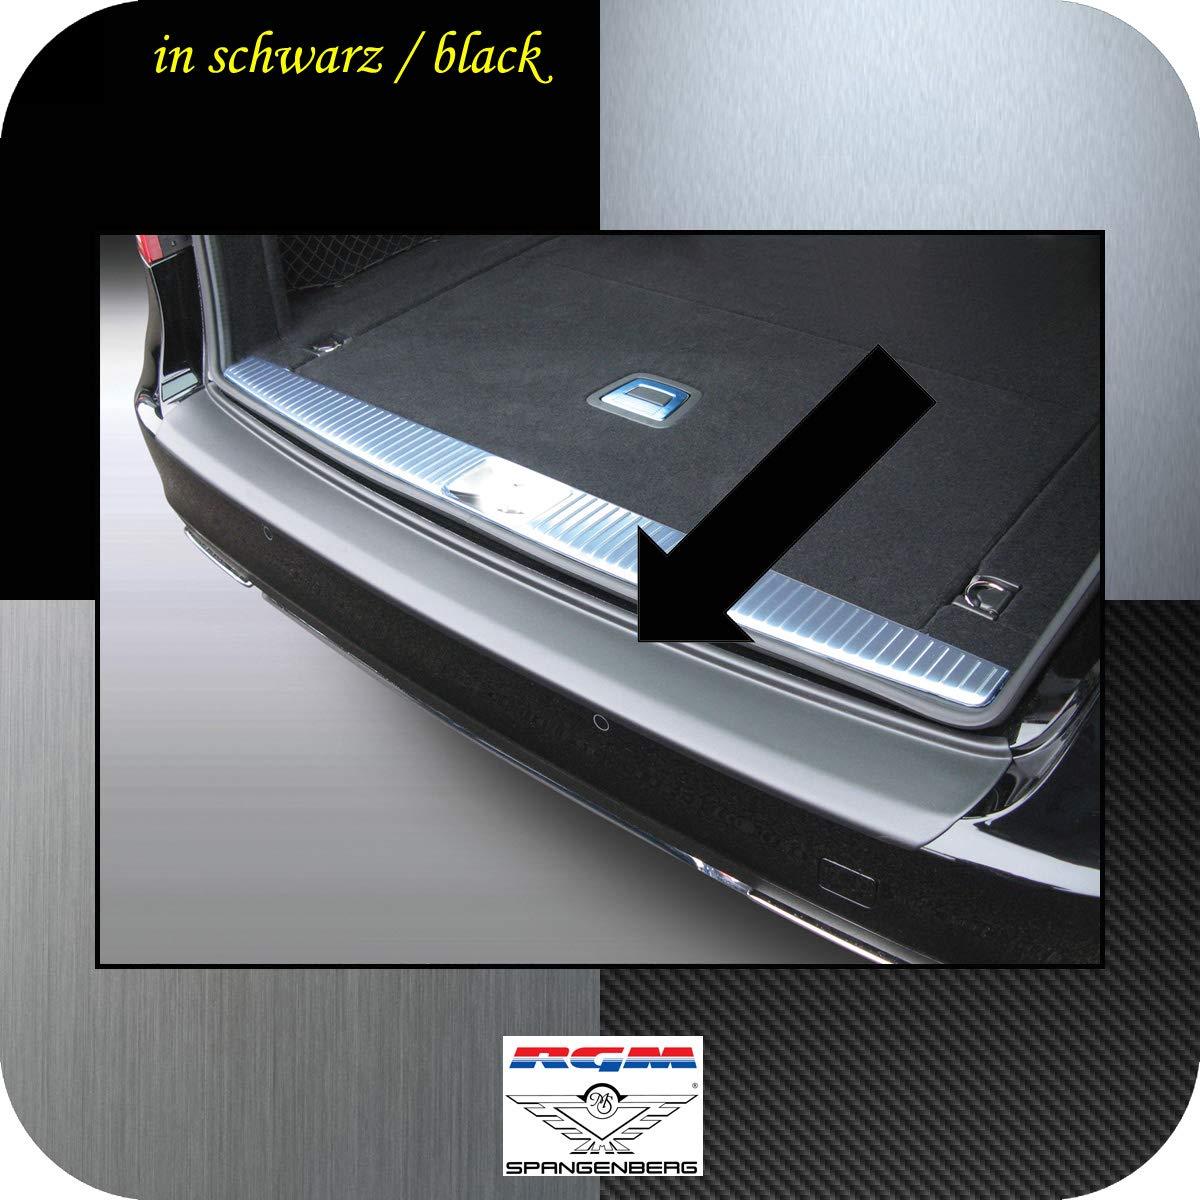 Modello T Colore: Nero Richard Grant Mouldings Ltd Non Modelli AMG RBP609 S 212 Anno di Fabbricazione 04.2013-09.2016 Protezione paraurti per Mercedes Benz Classe E T-Model S212 Kombi RGM